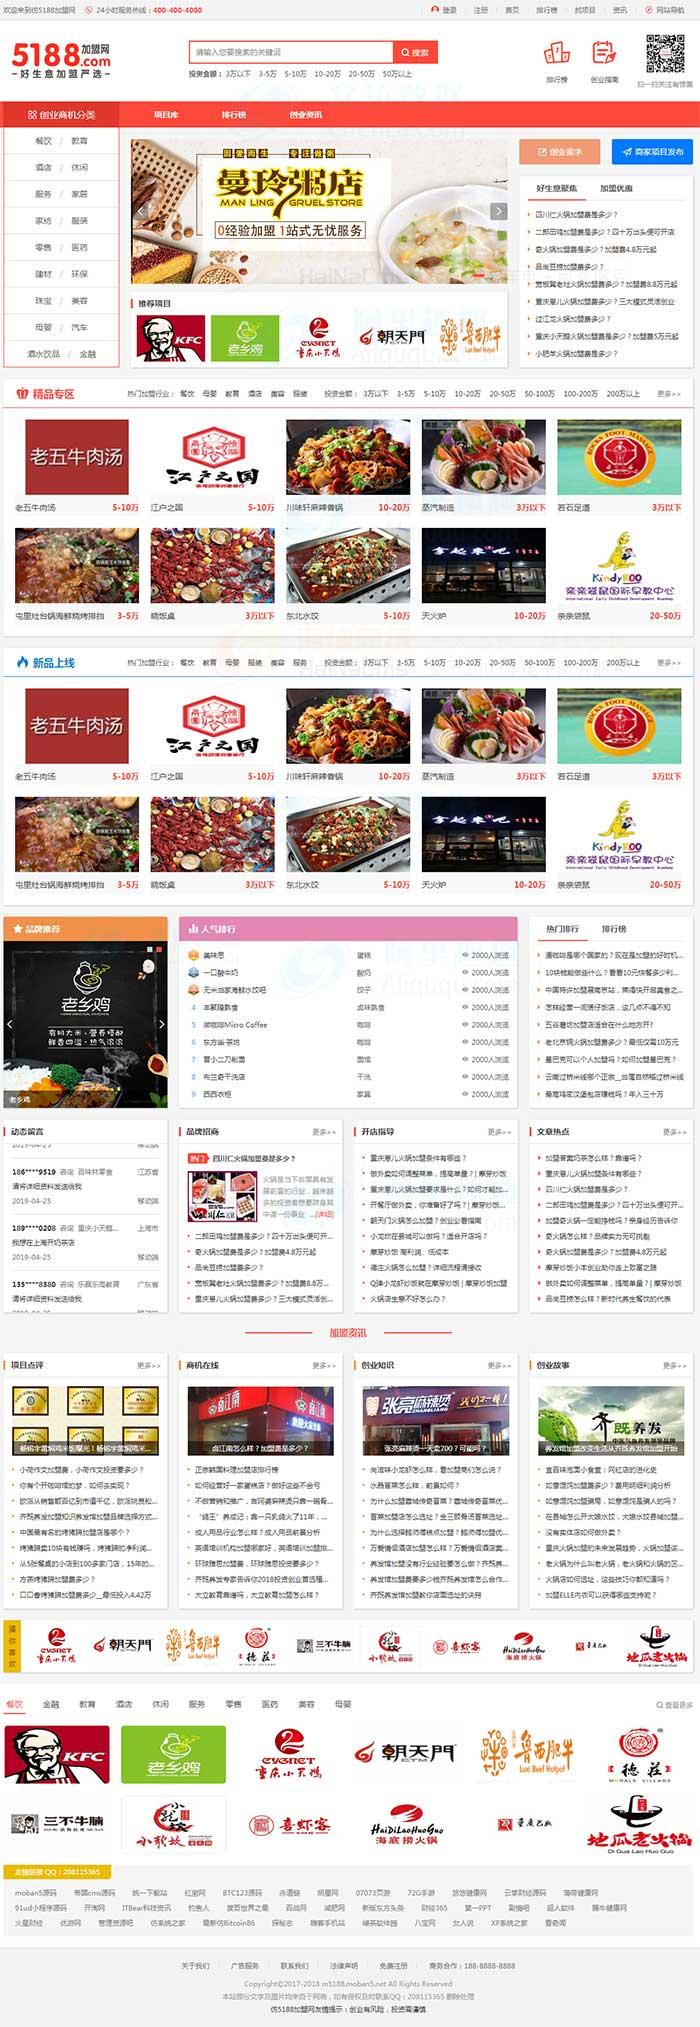 创业招商仿5188好生意加盟网站源码商机网源码 招商加盟网站帝国模板ecms模板